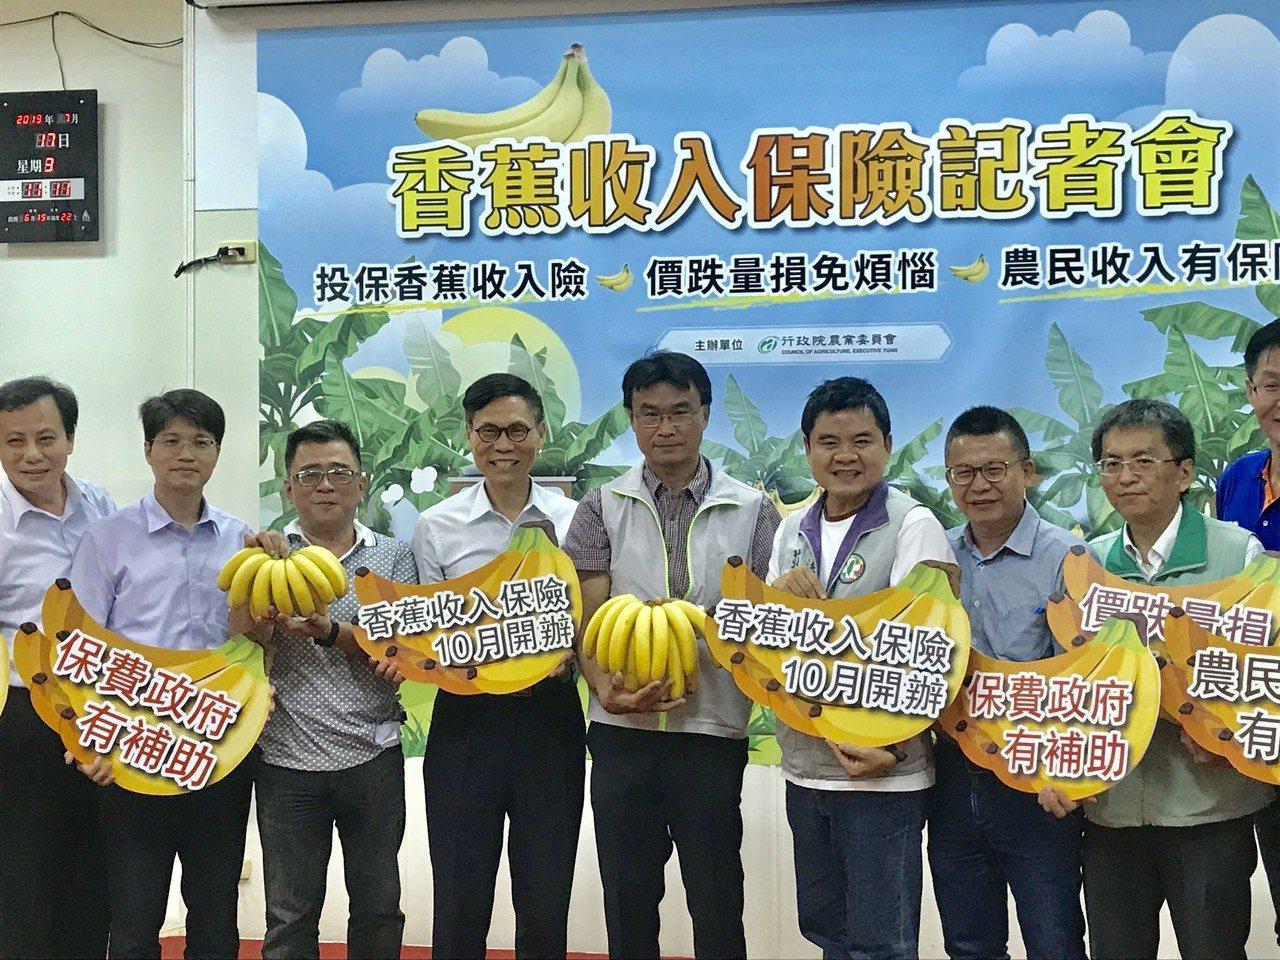 為因應氣候變遷、貿易自由化及市場價格波動等外部農業經營風險,行政院農委會推出香蕉...